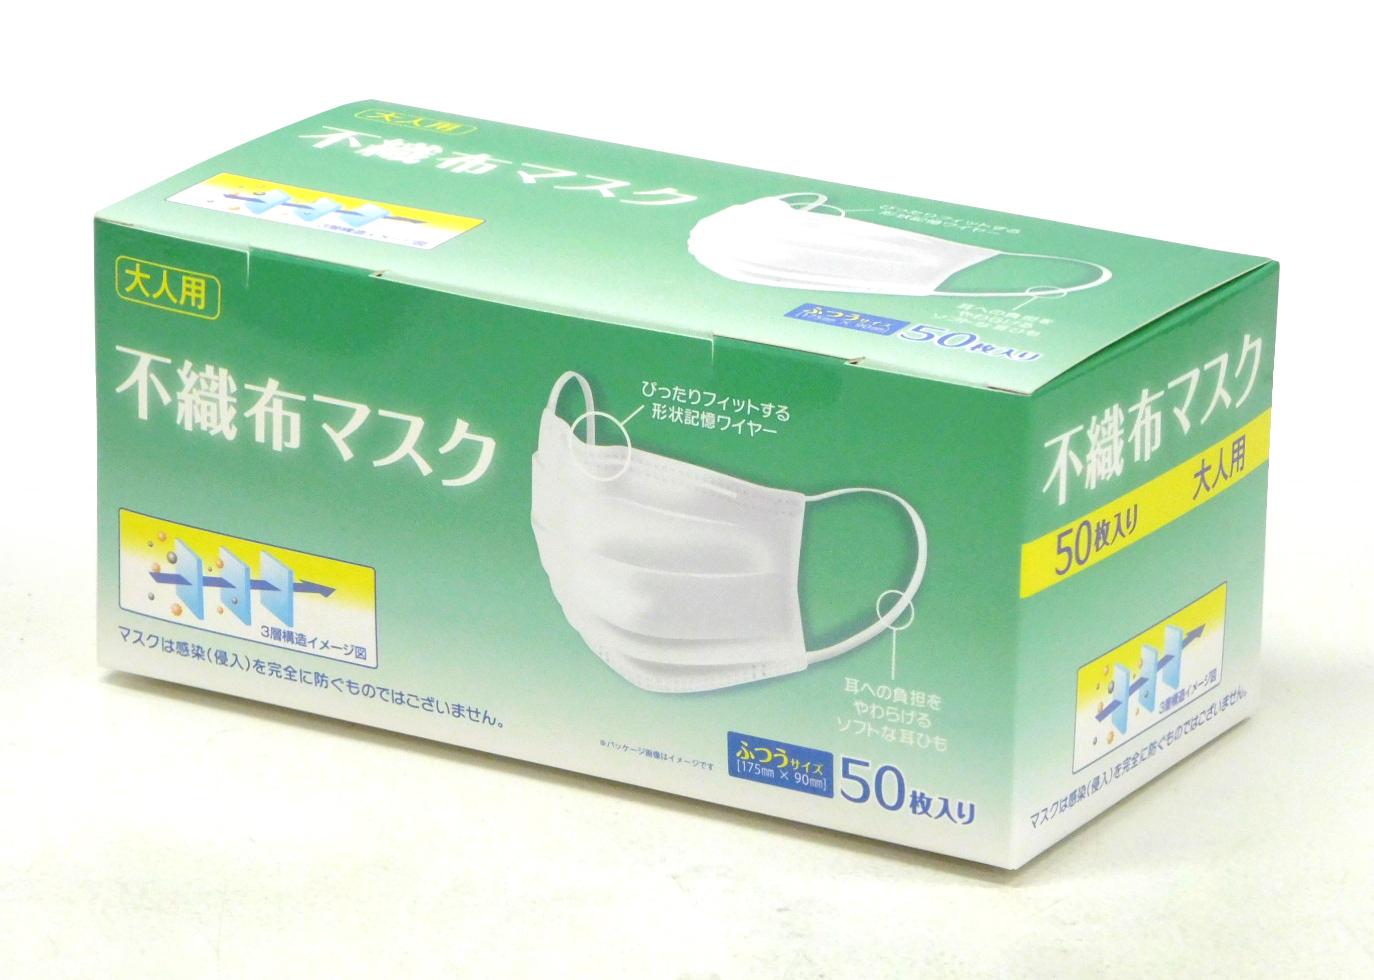 【新品】Mitsukin 三金商事 不織布マスク 50枚入り 大人用 ふつうサイズ